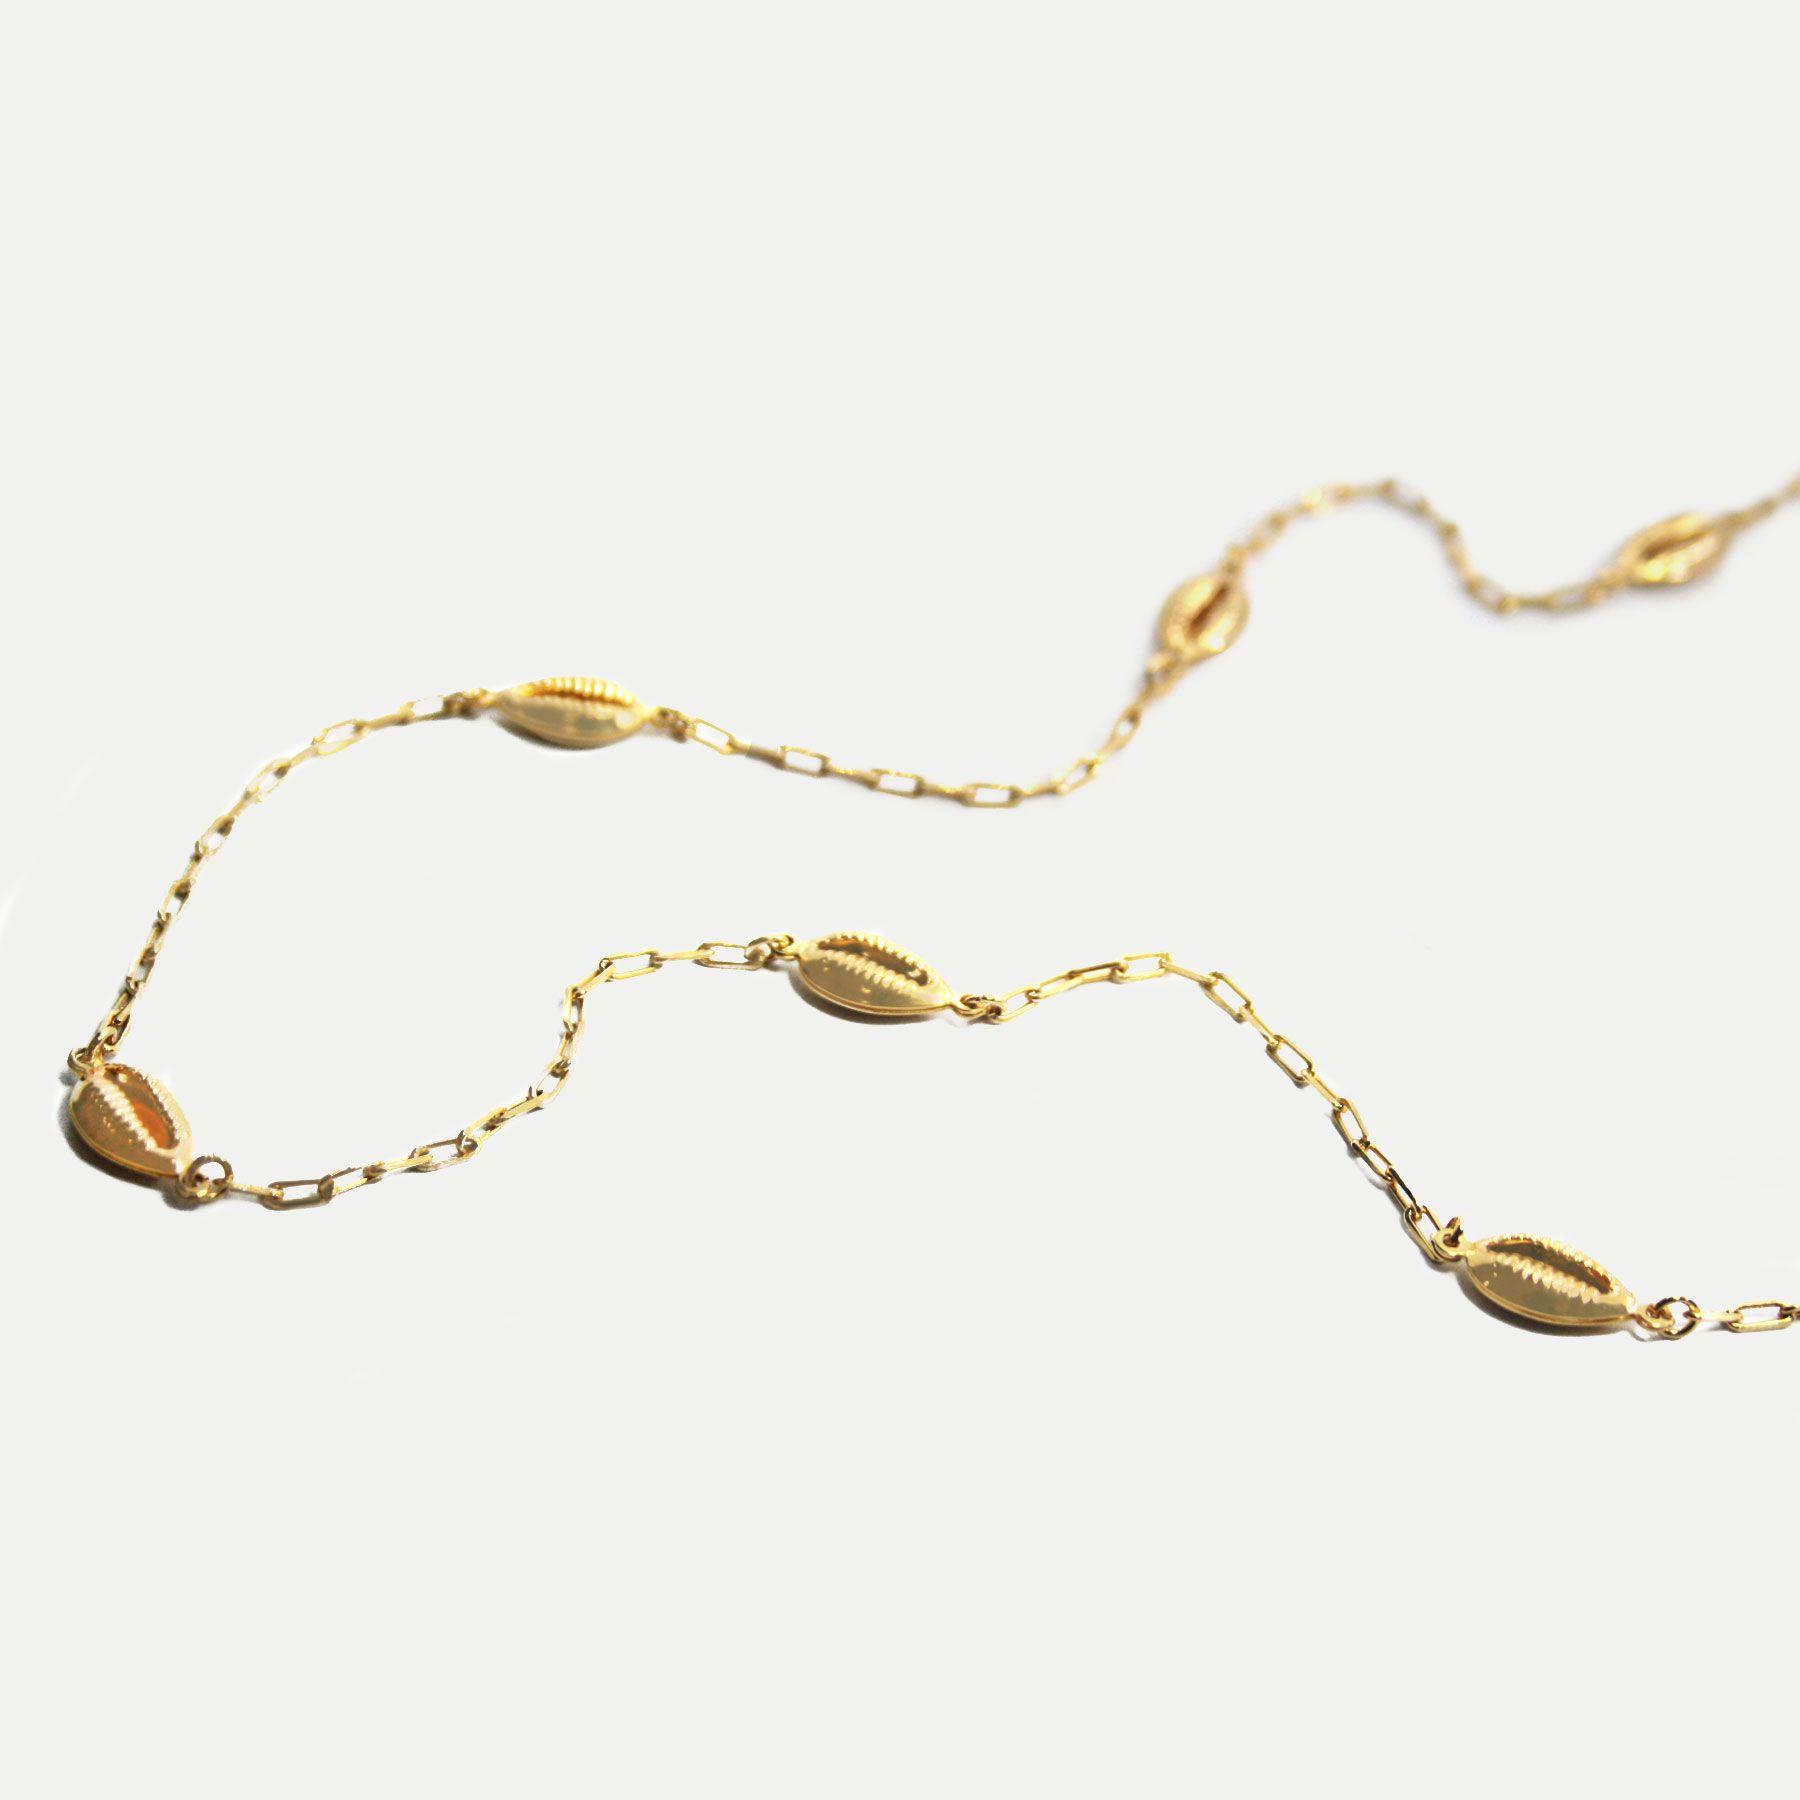 Colar Longo em Corrente Cartier com Buzios Banhado em Ouro 18k